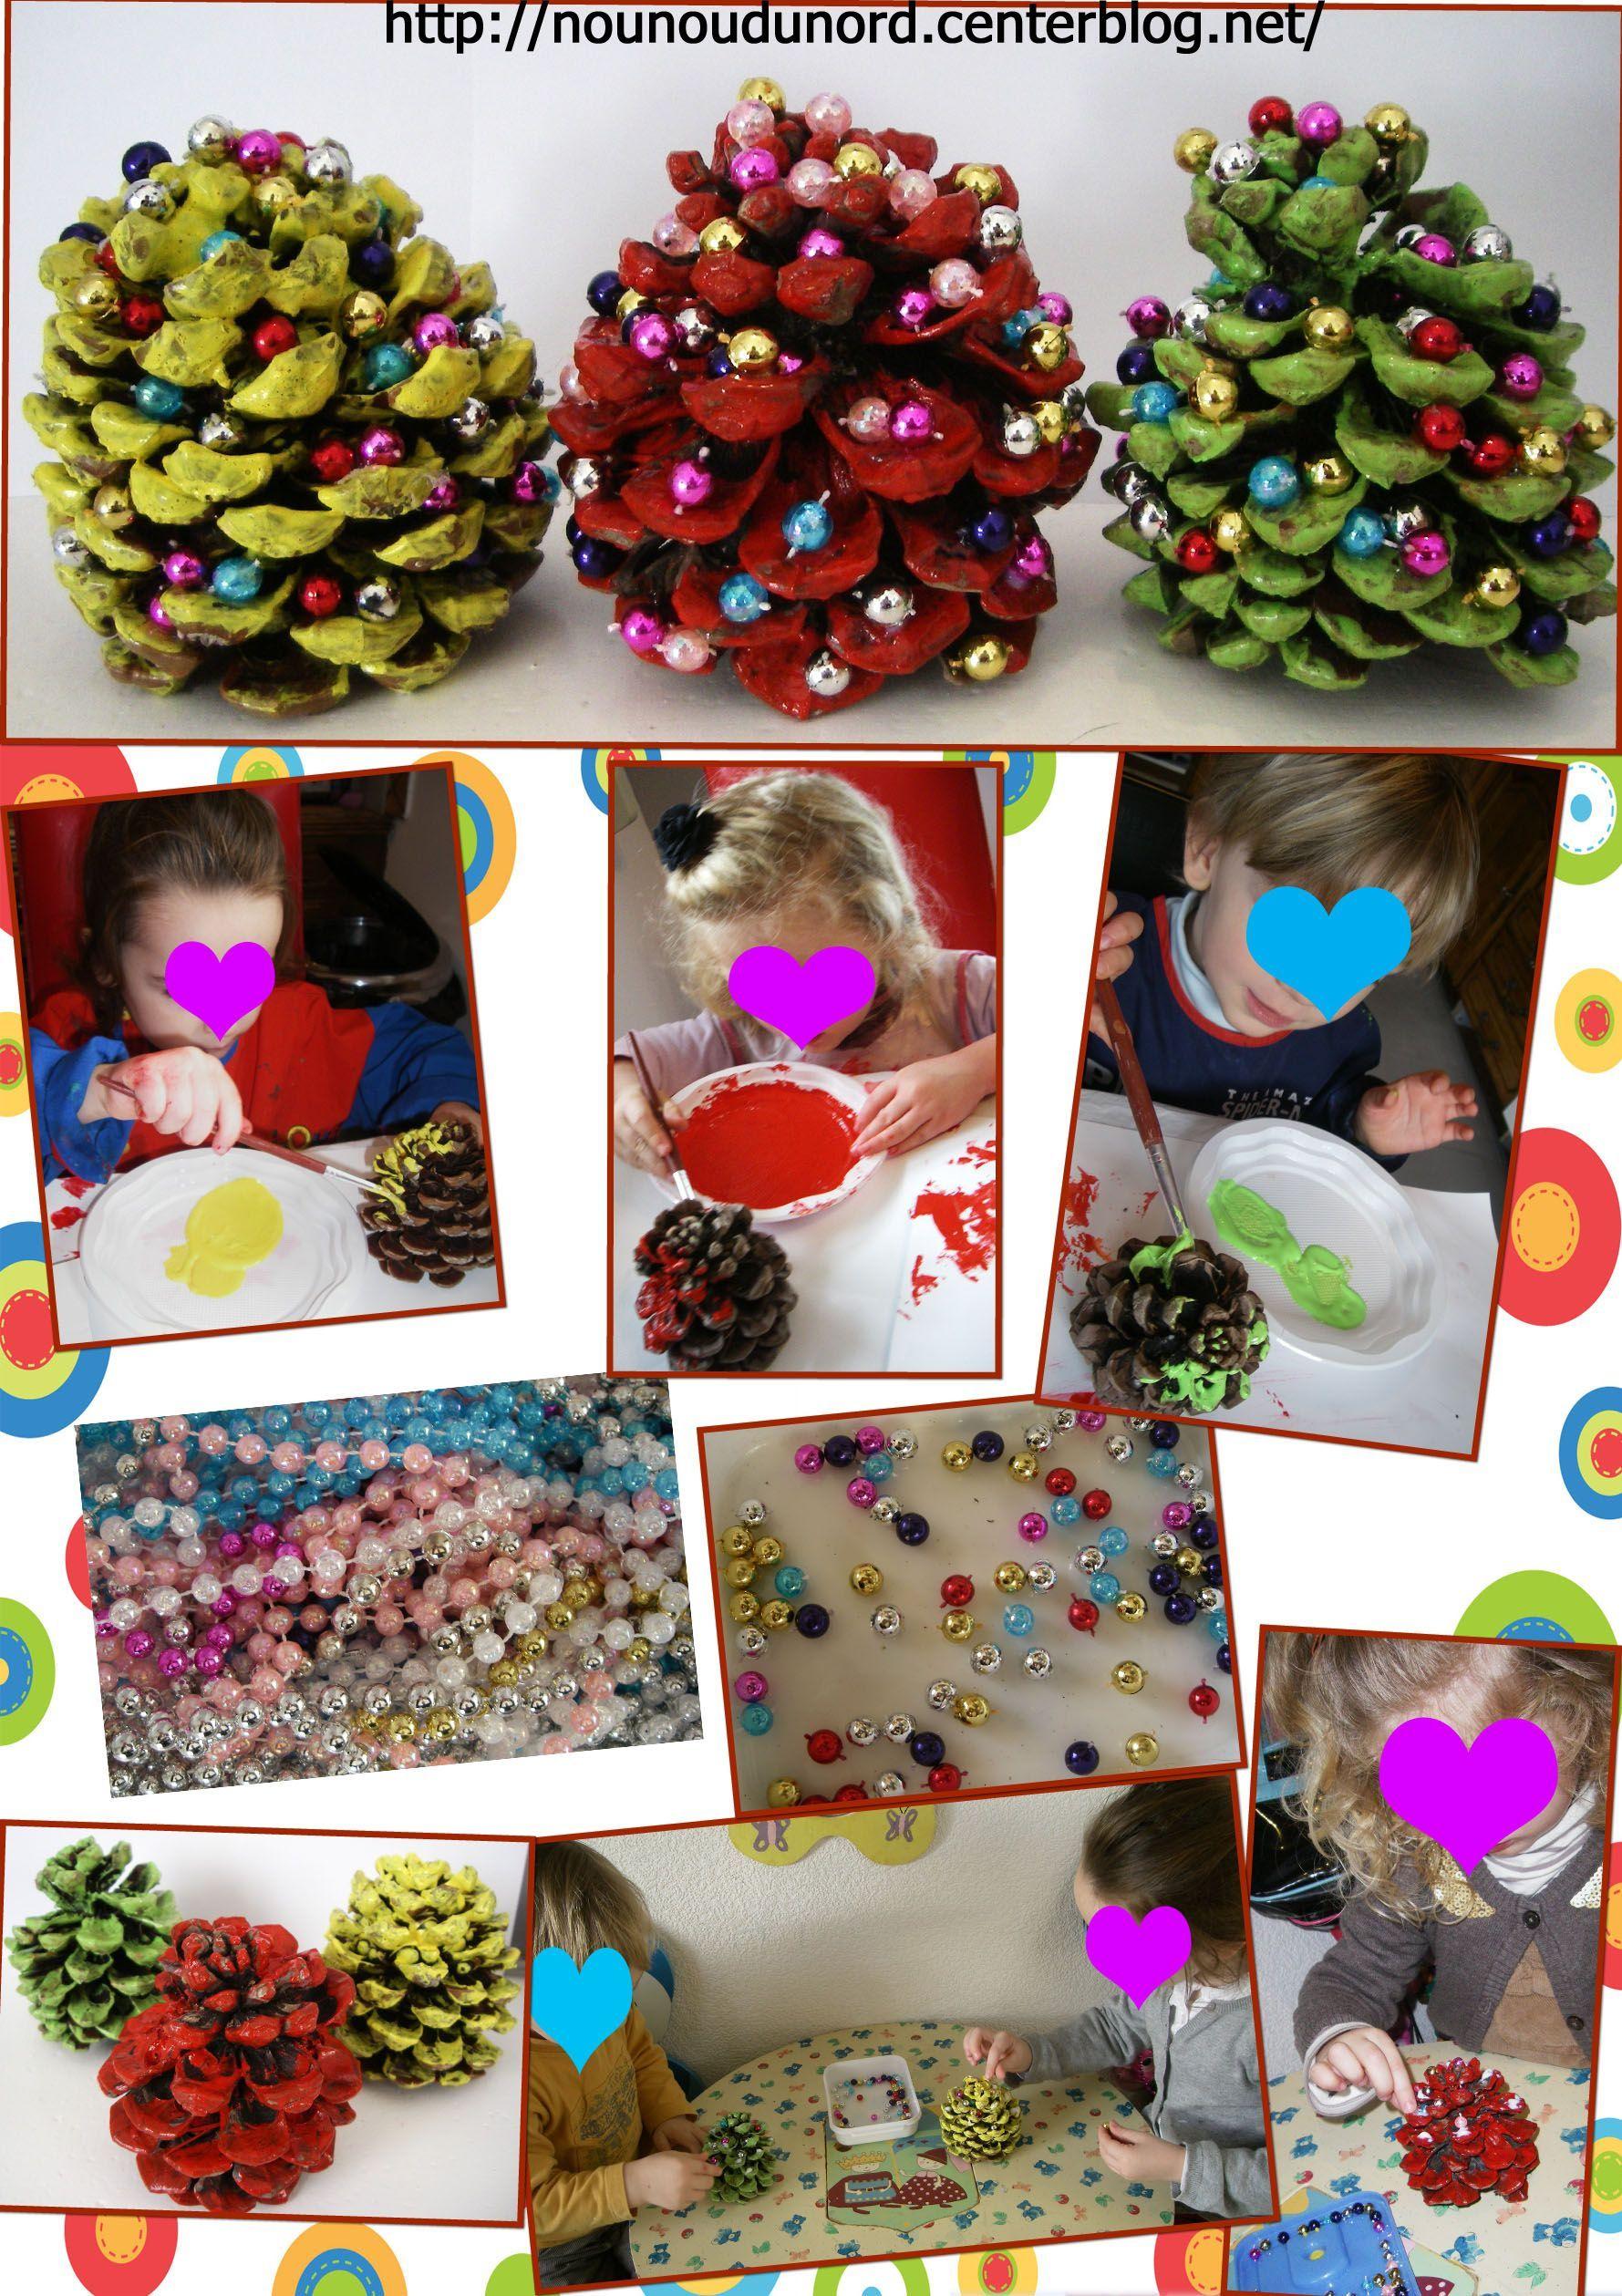 Les Pommes De Pin Des Enfants Décorées Pour Noël*2012* dedans Activités Manuelles Enfants Noel